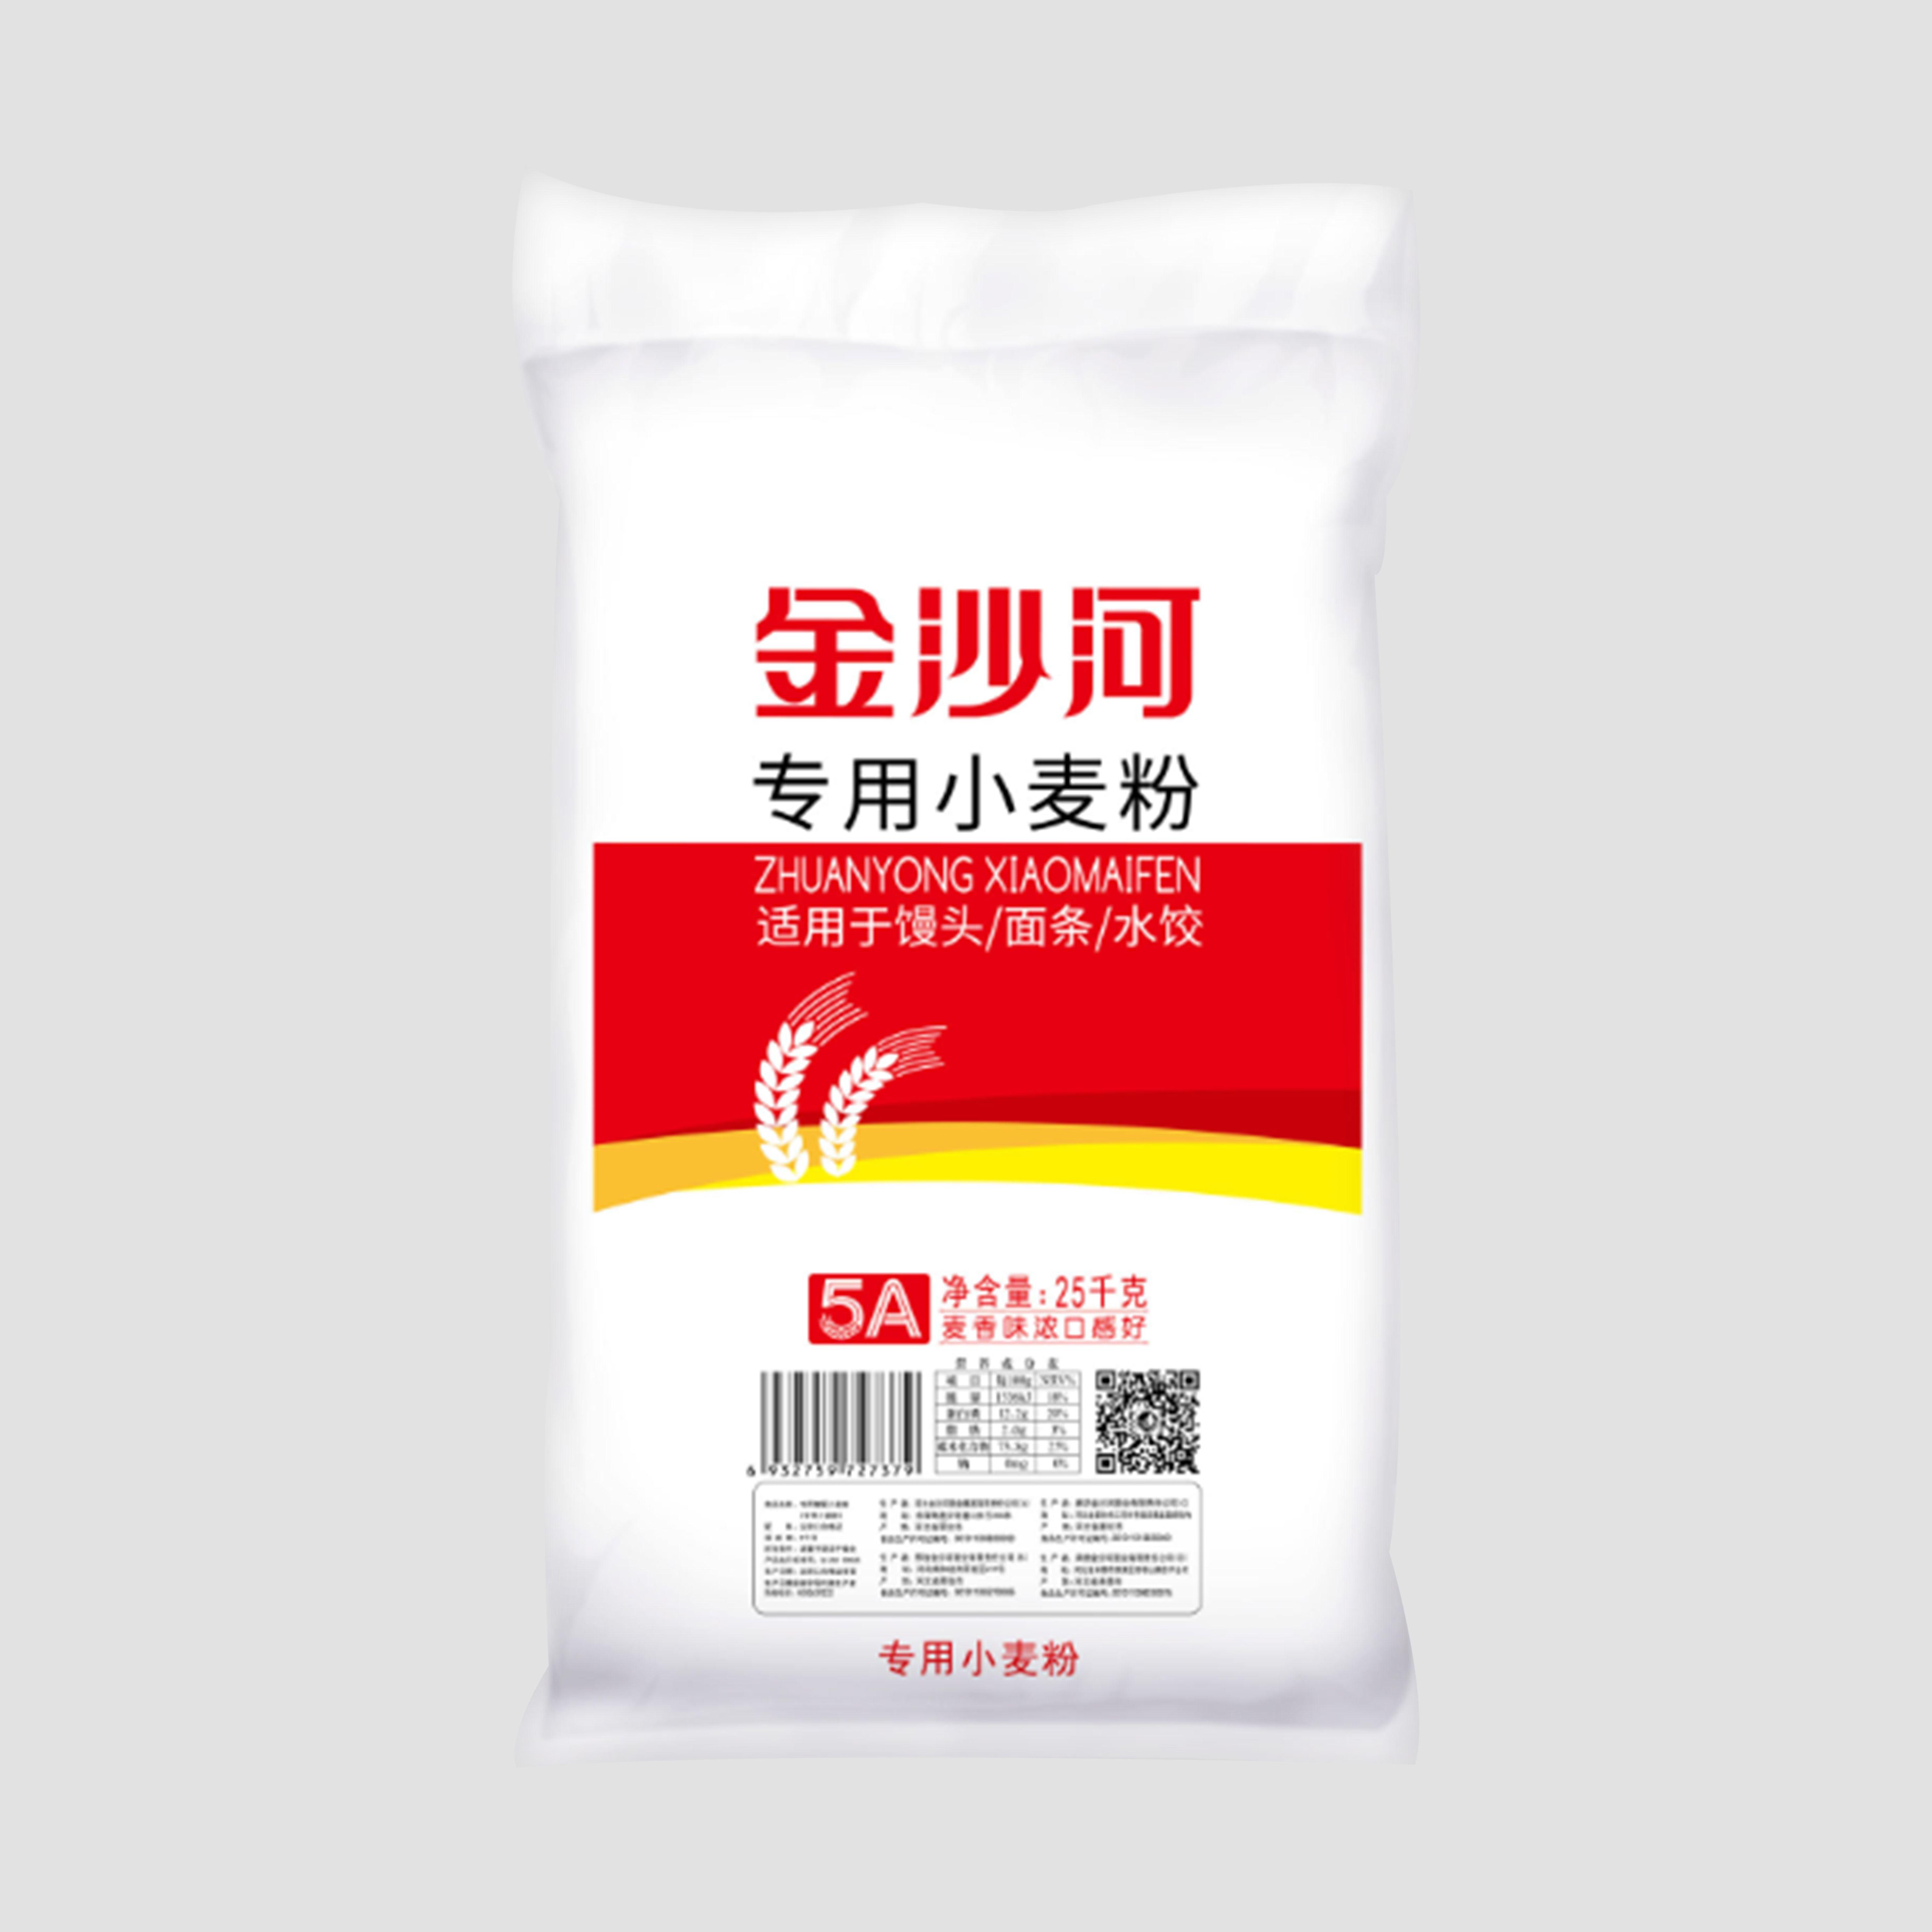 专用小麦粉